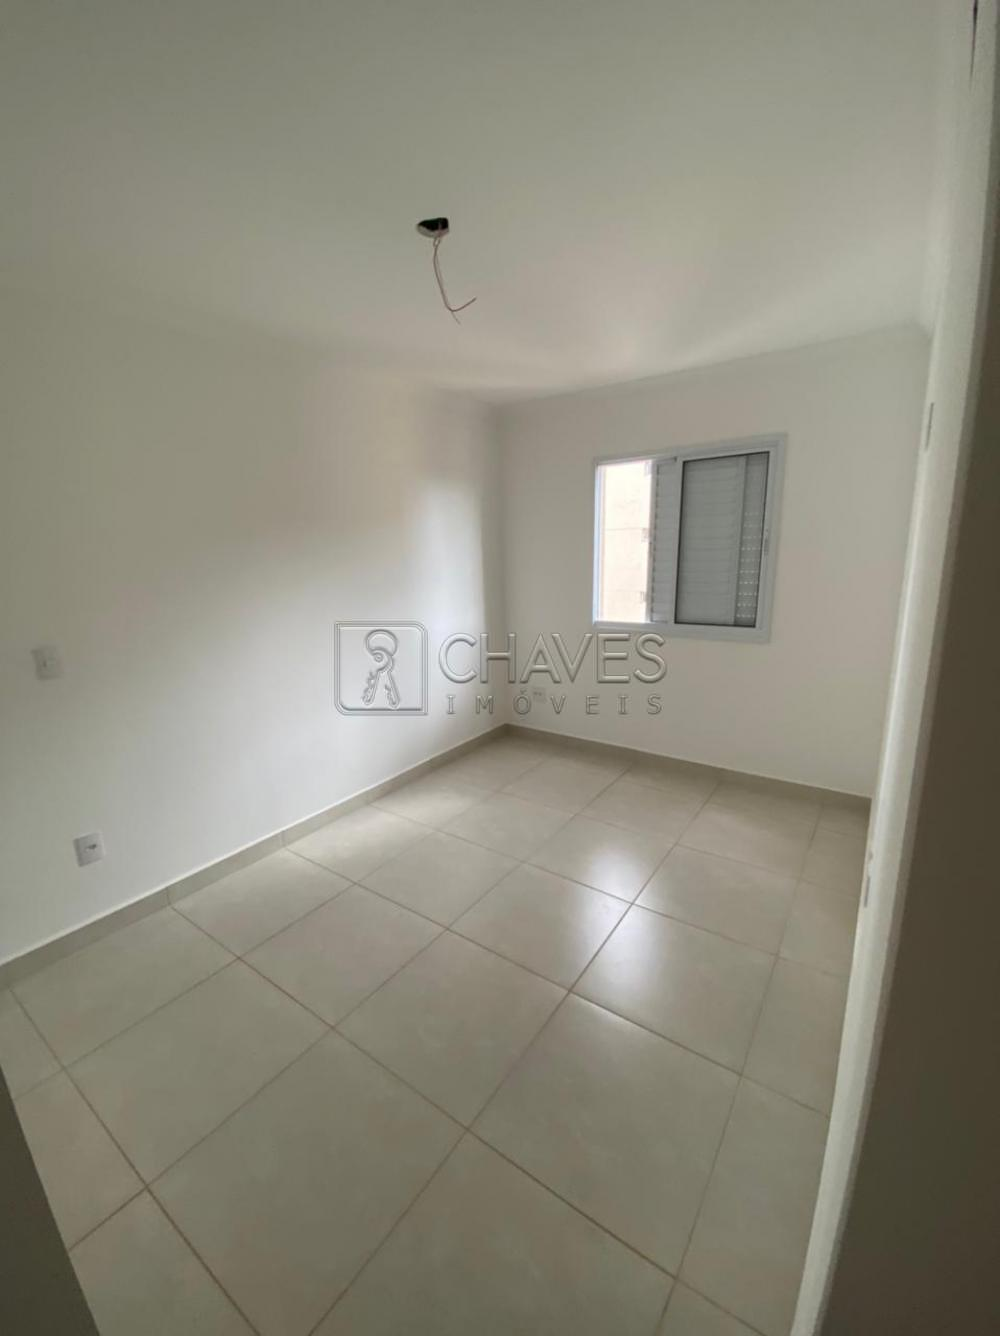 Comprar Apartamento / Padrão em Ribeirão Preto R$ 420.000,00 - Foto 12